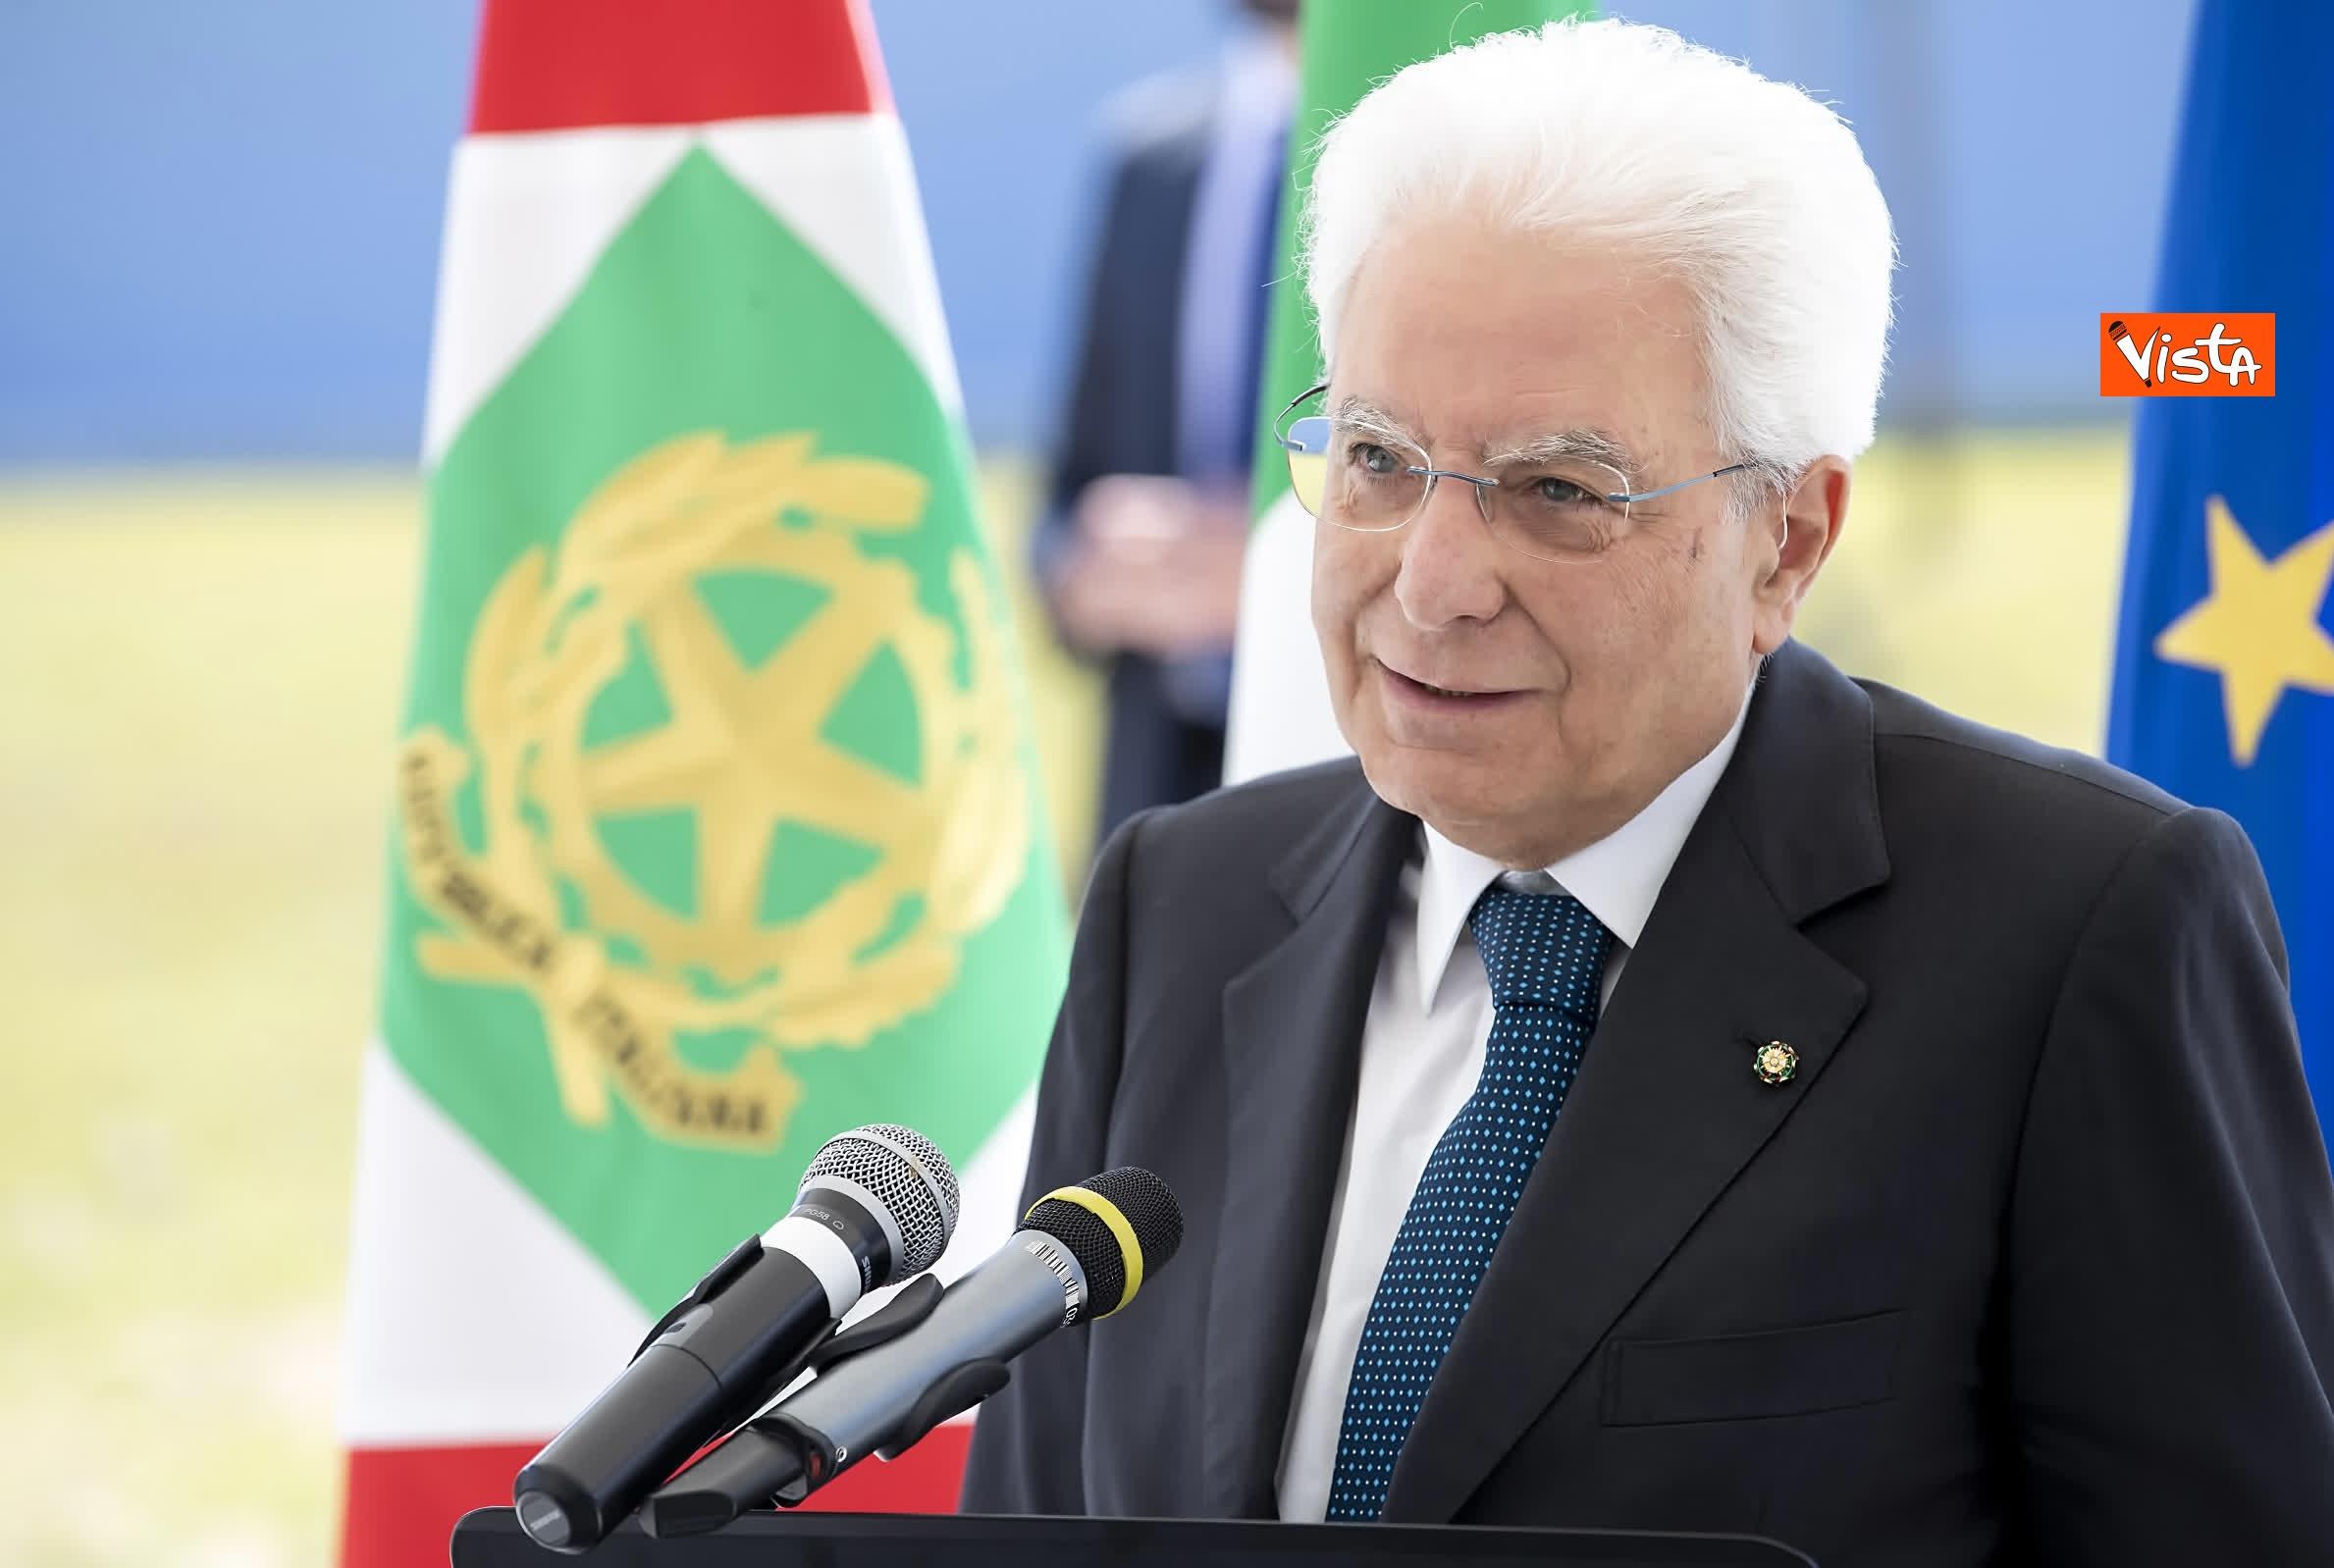 18-07-19 Il Presidente Mattarella visita l'Istituto omnicomprensivo Romolo Capranica di Amatrice_09